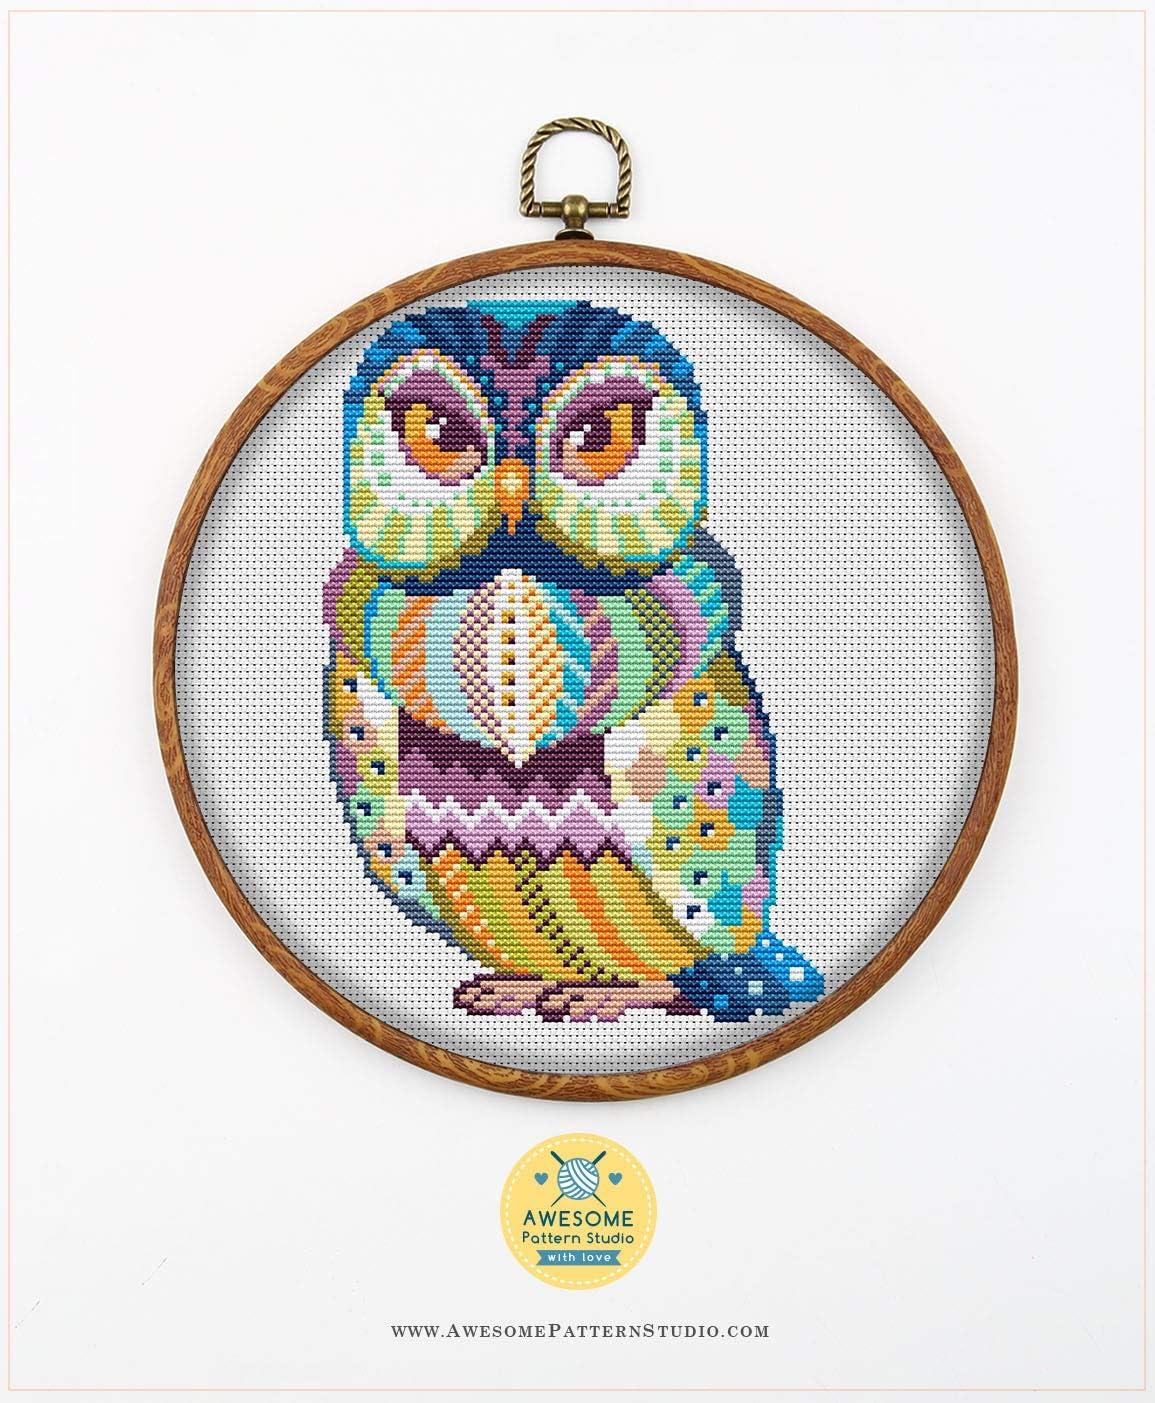 Embroidery Designs Needlepoint Kits Cross Stitch World Embroidery Stitches Mandala Owl #K542 Cross Stitch Kit Funny Animals Stitching